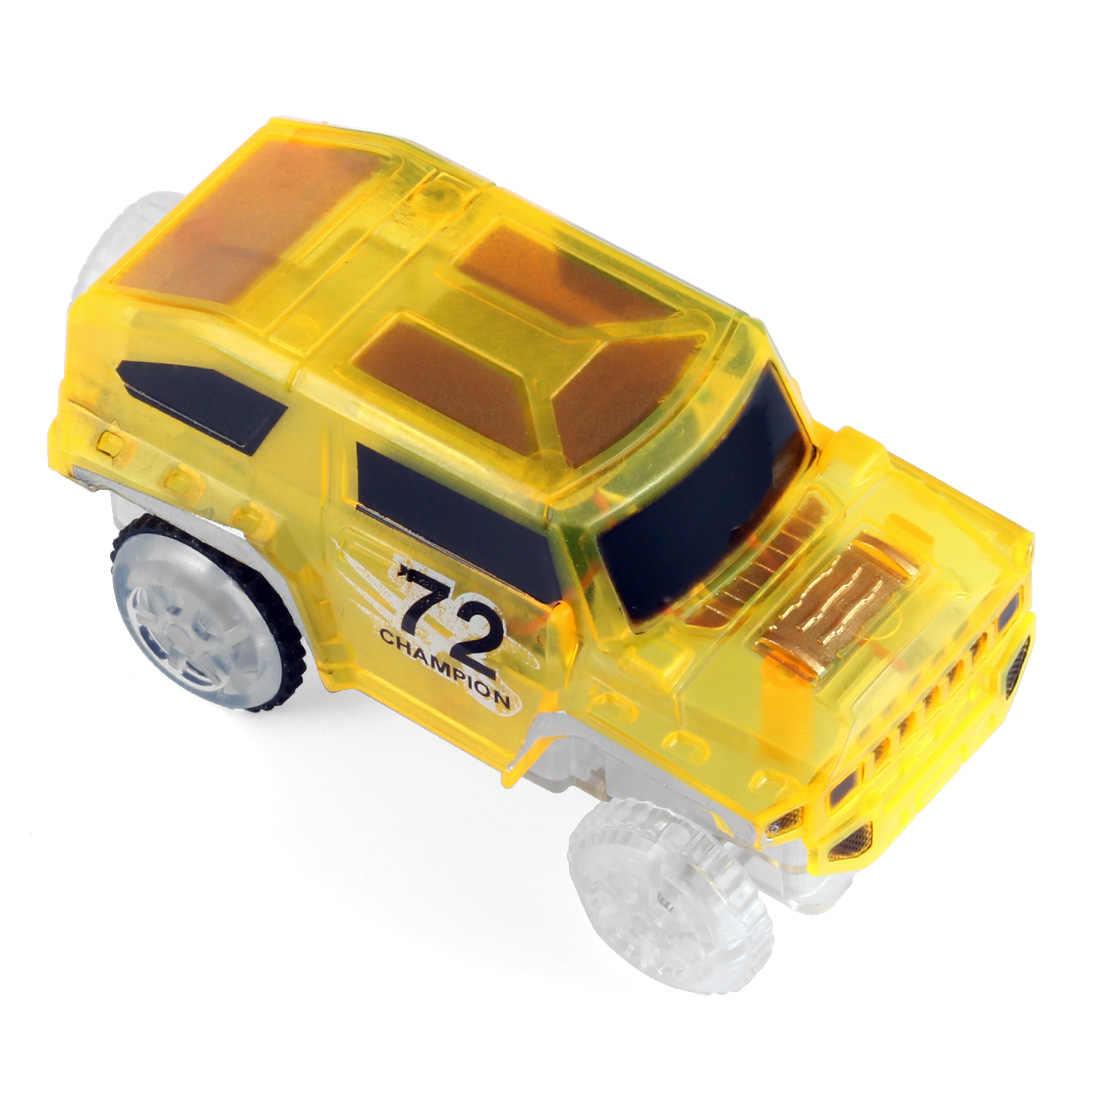 1 шт. светодиодный автомобиль для магические треки, электроника, автомобильные игрушки с мигающими огнями, DIY Гоночные Игрушки для мальчиков, лучший подарок